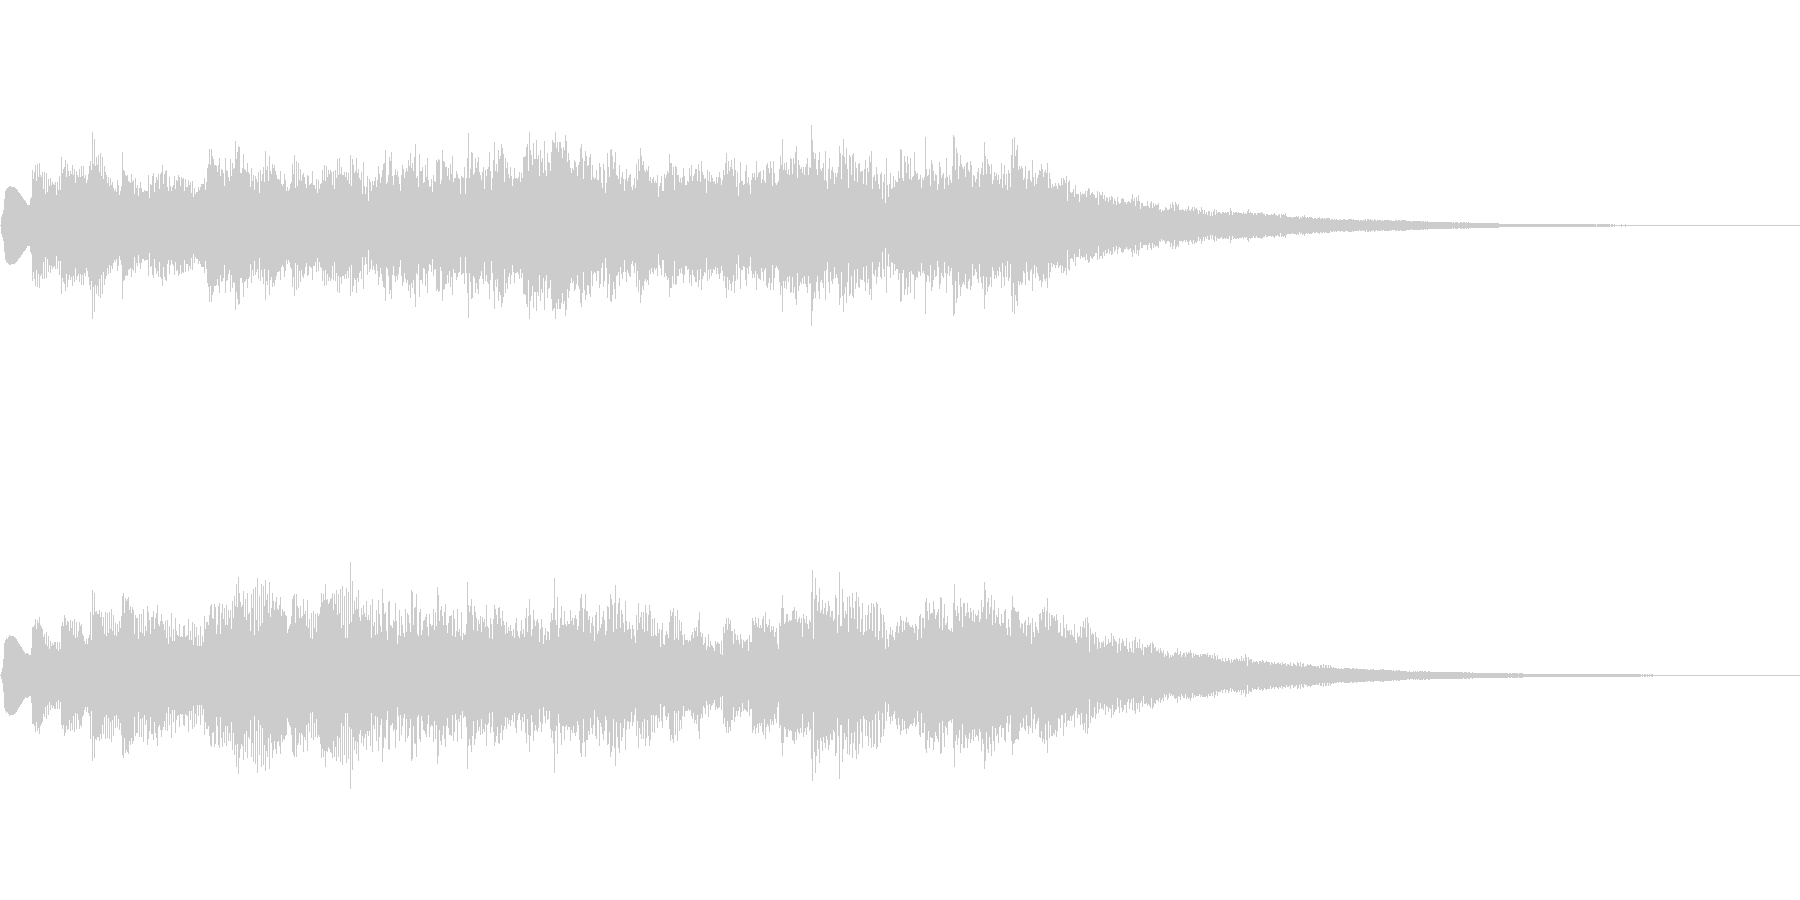 オルゴール風ジングルの未再生の波形